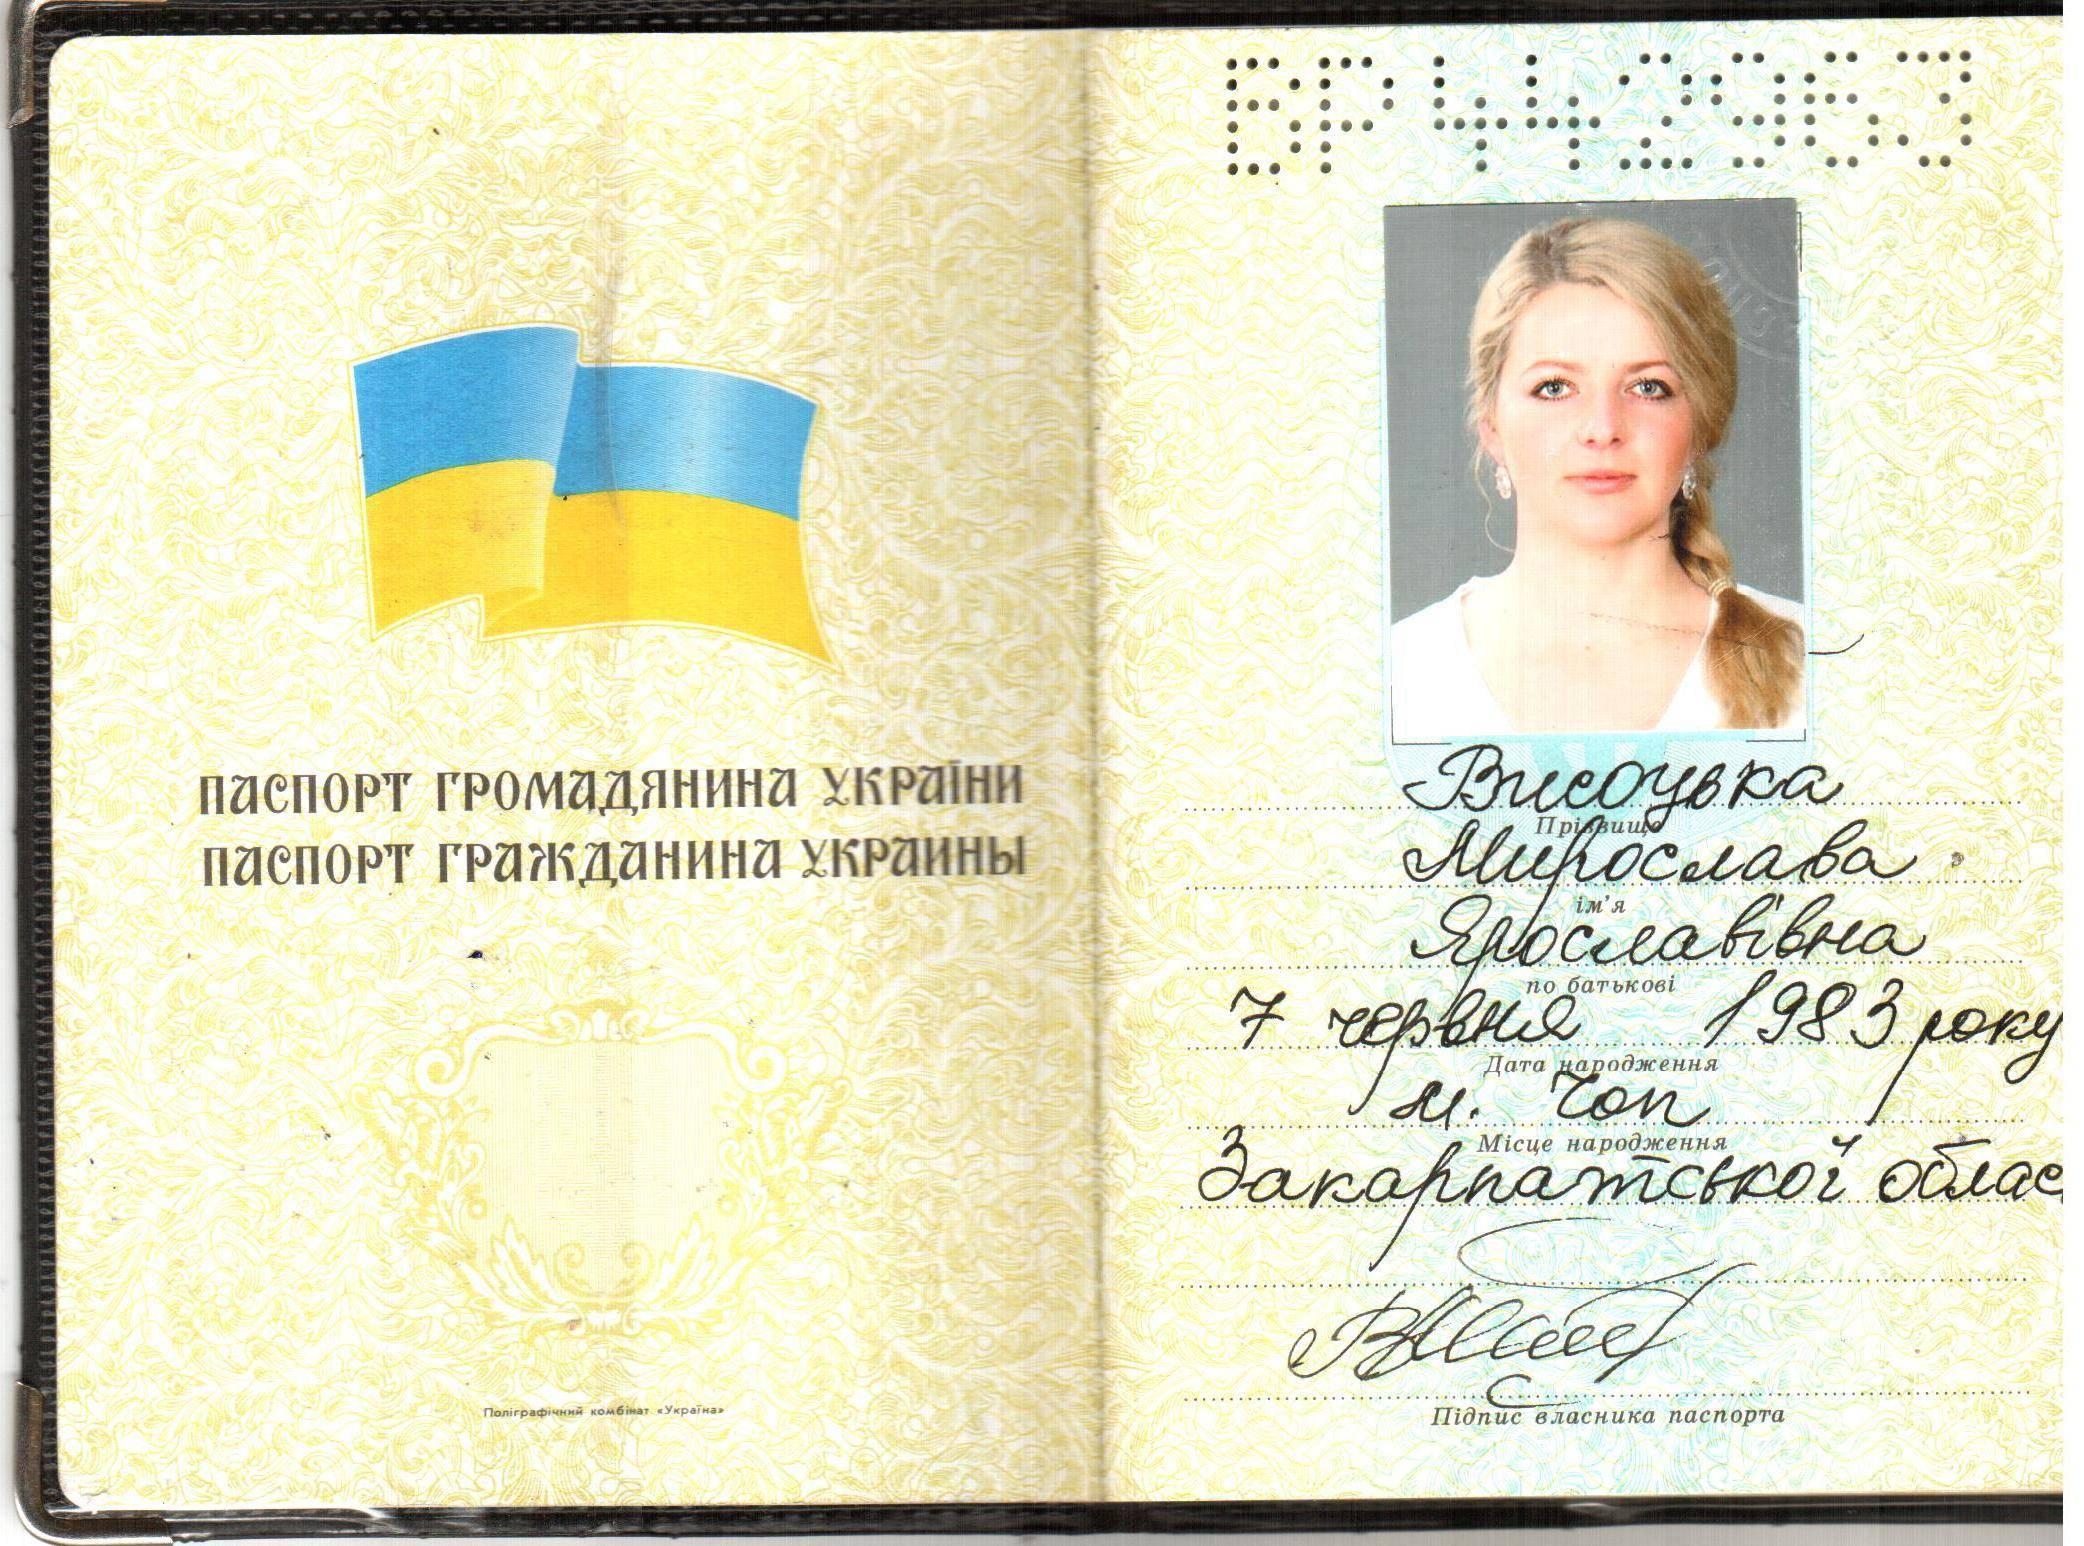 Когда вклеивать детей фото в загранпаспорт украины